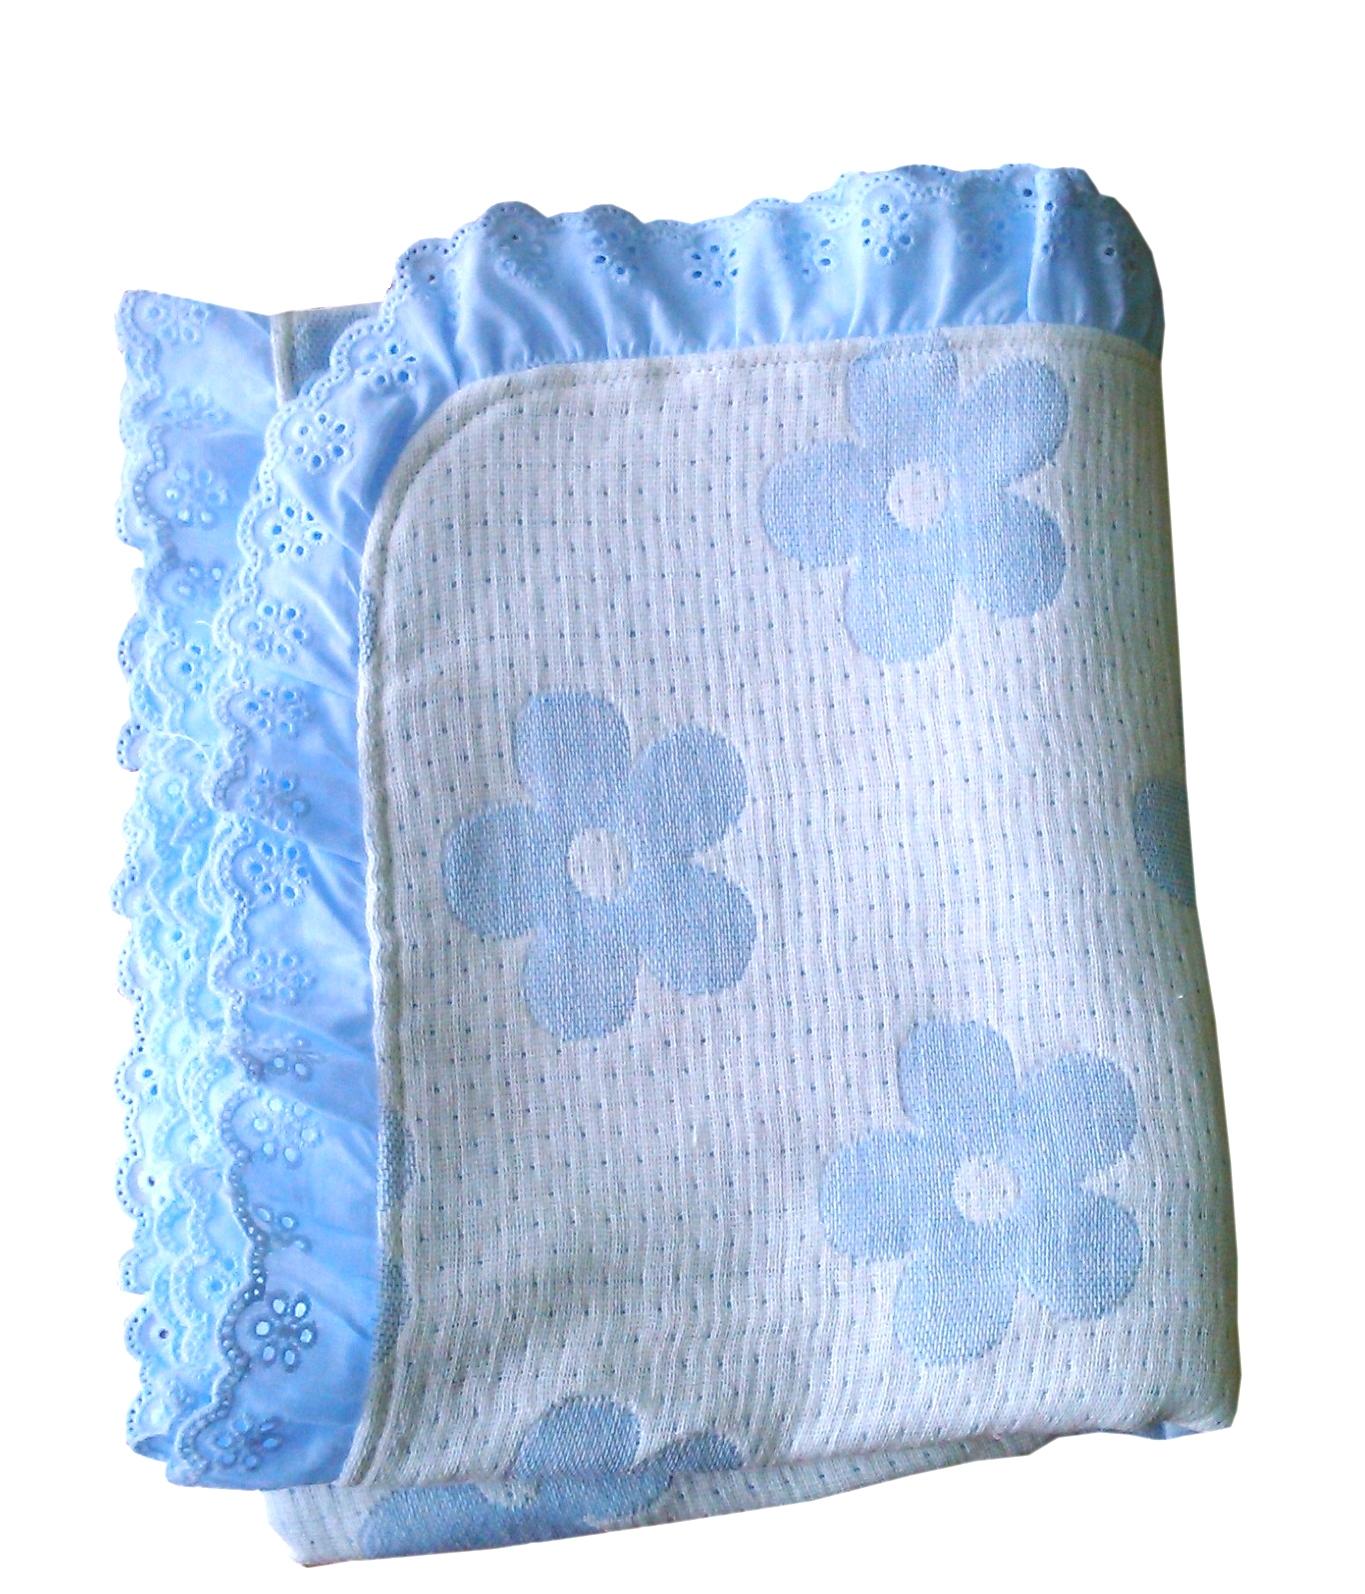 Купить Покрывала, подушки, одеяла, Одеяло Baby Nice, 1шт., Baby Nice L515, Россия, розовый, голубой